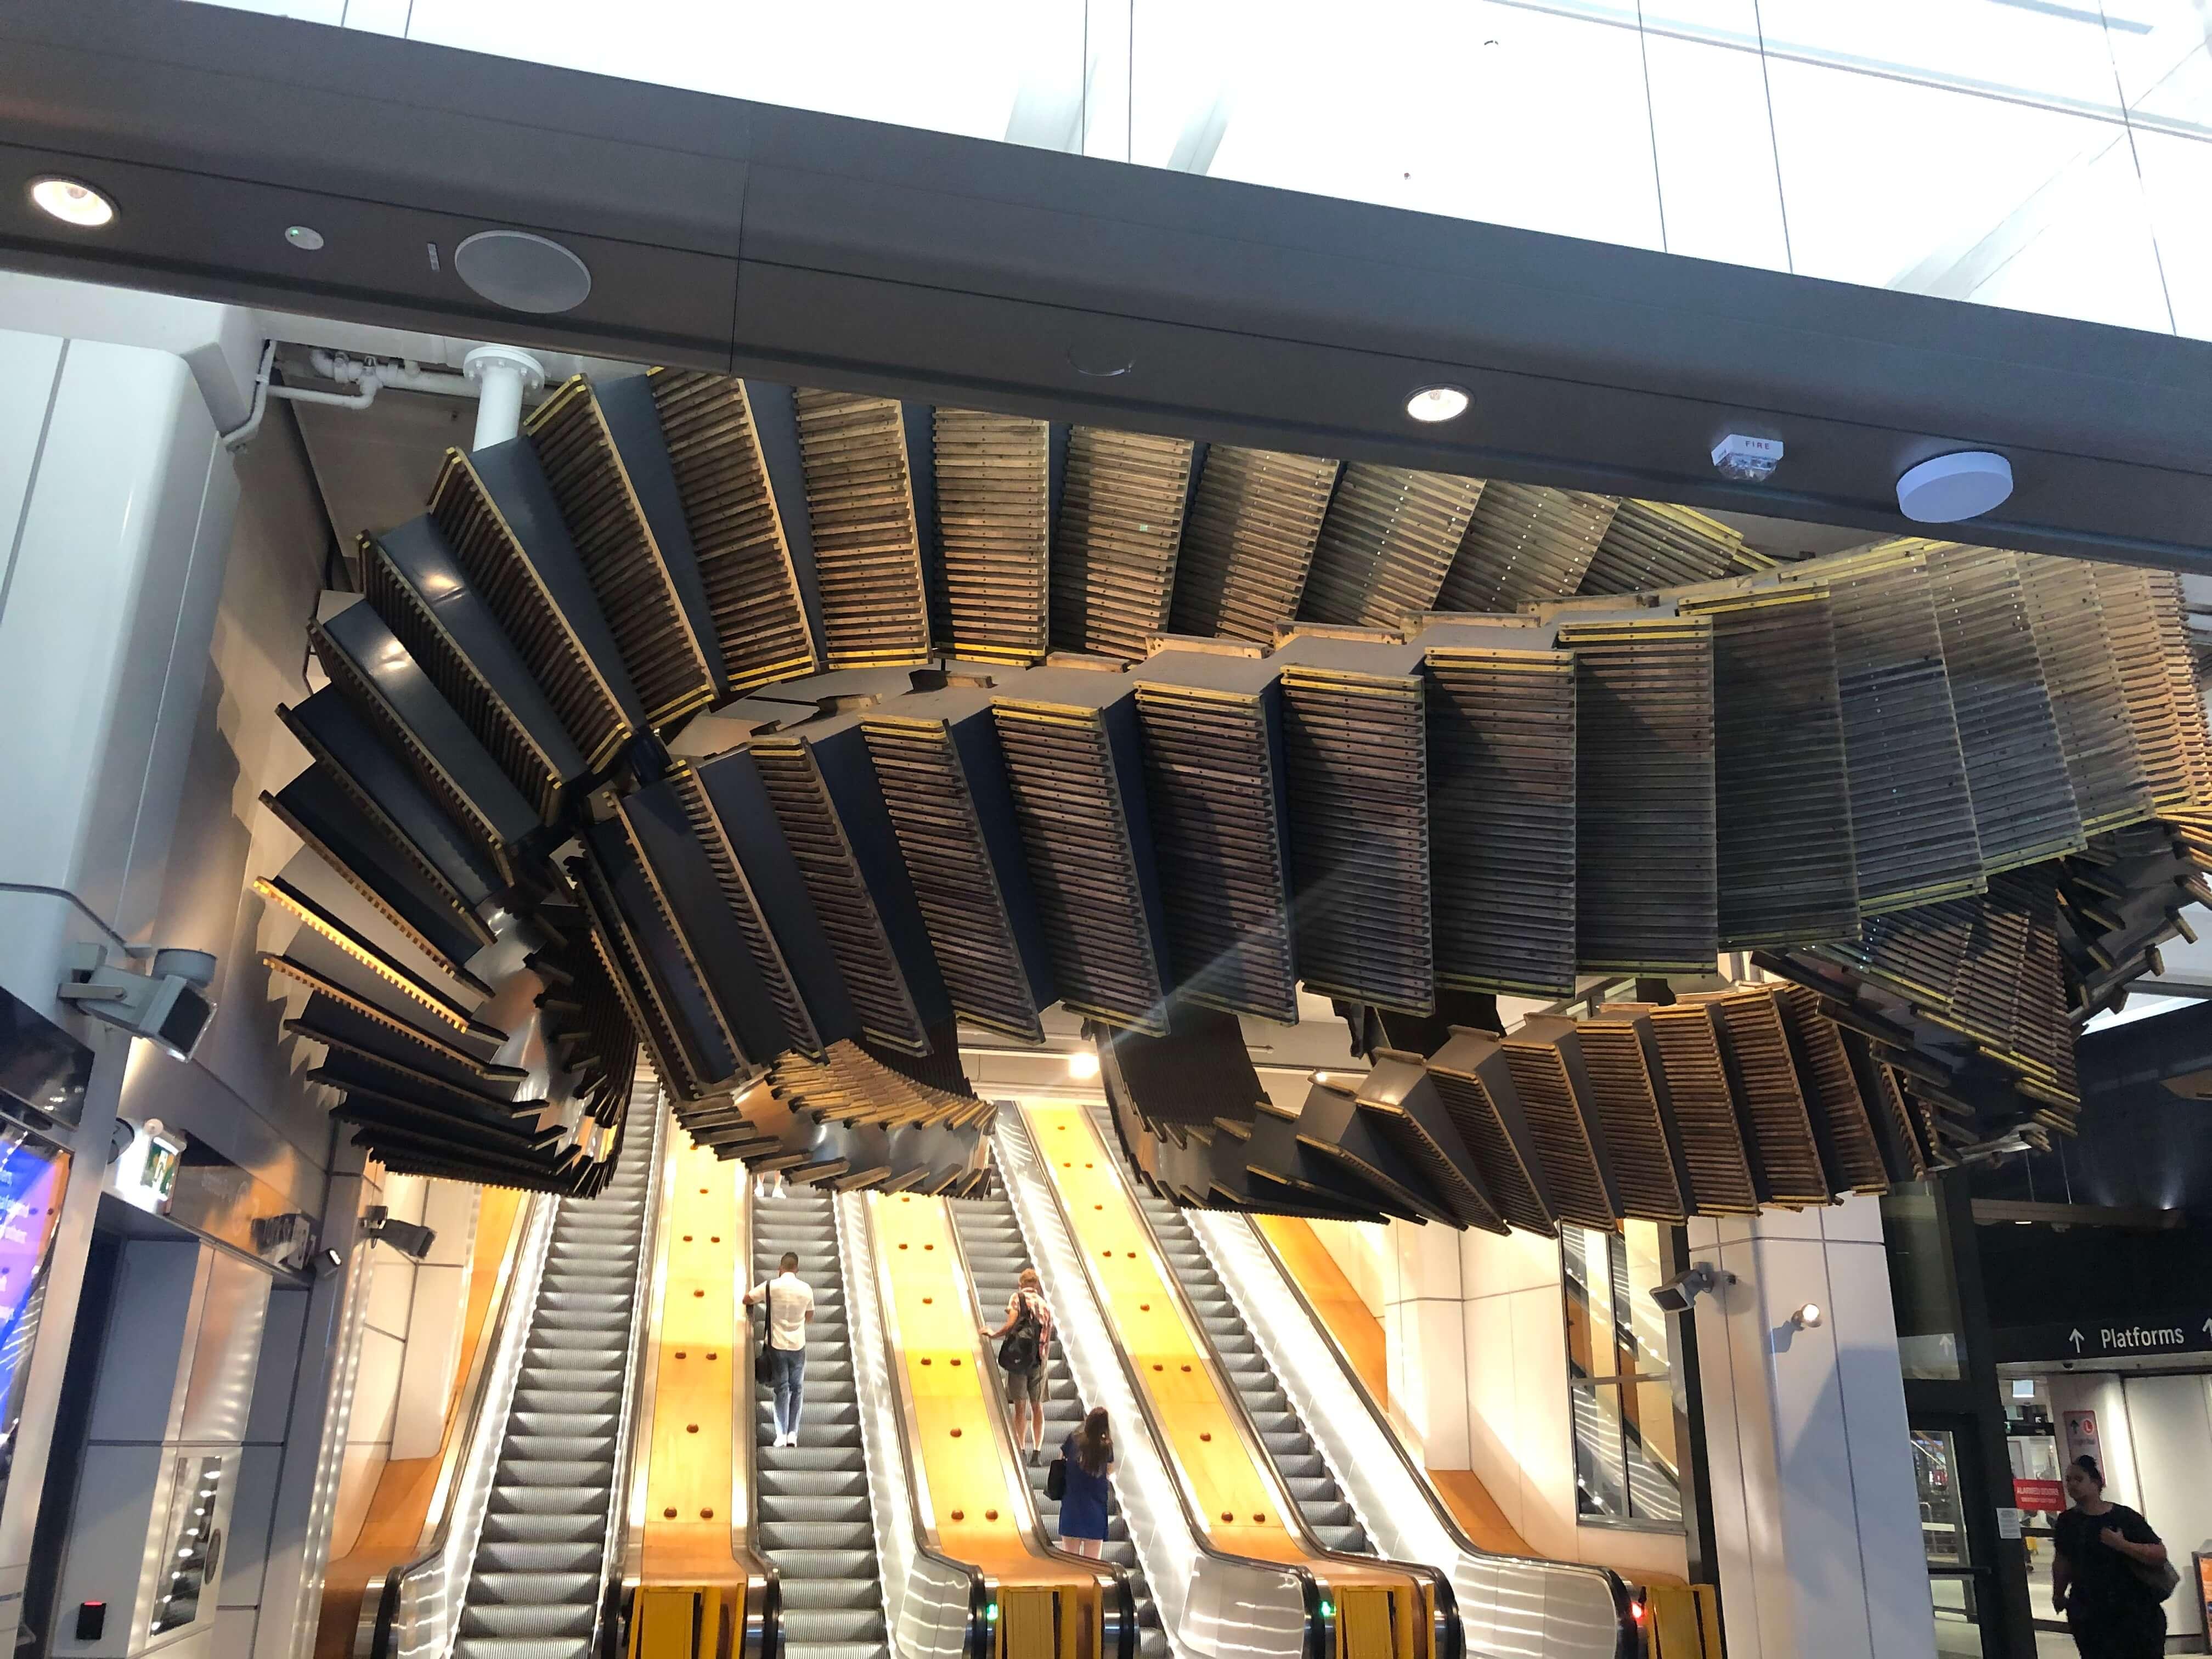 ウィンヤード駅の木製のエスカレーター